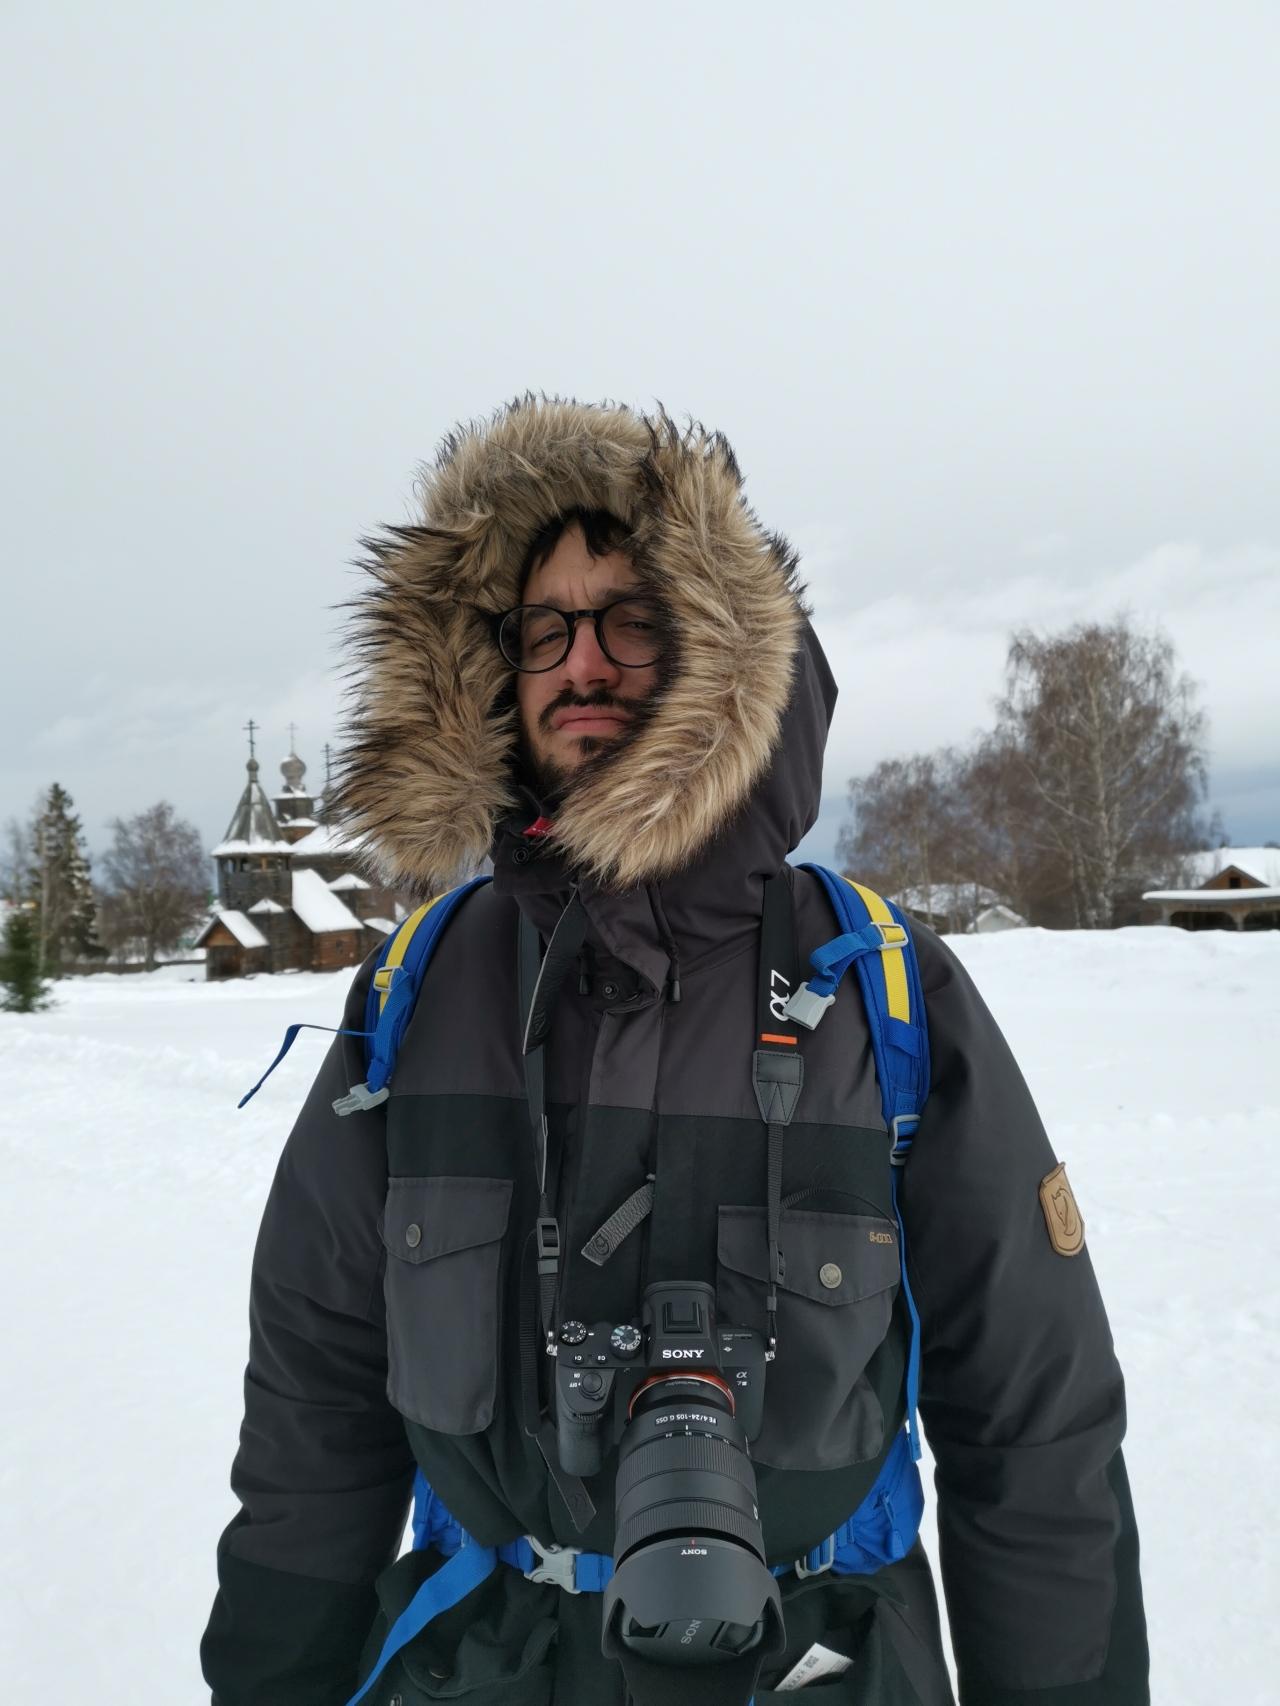 circonspection glaciale suzdal